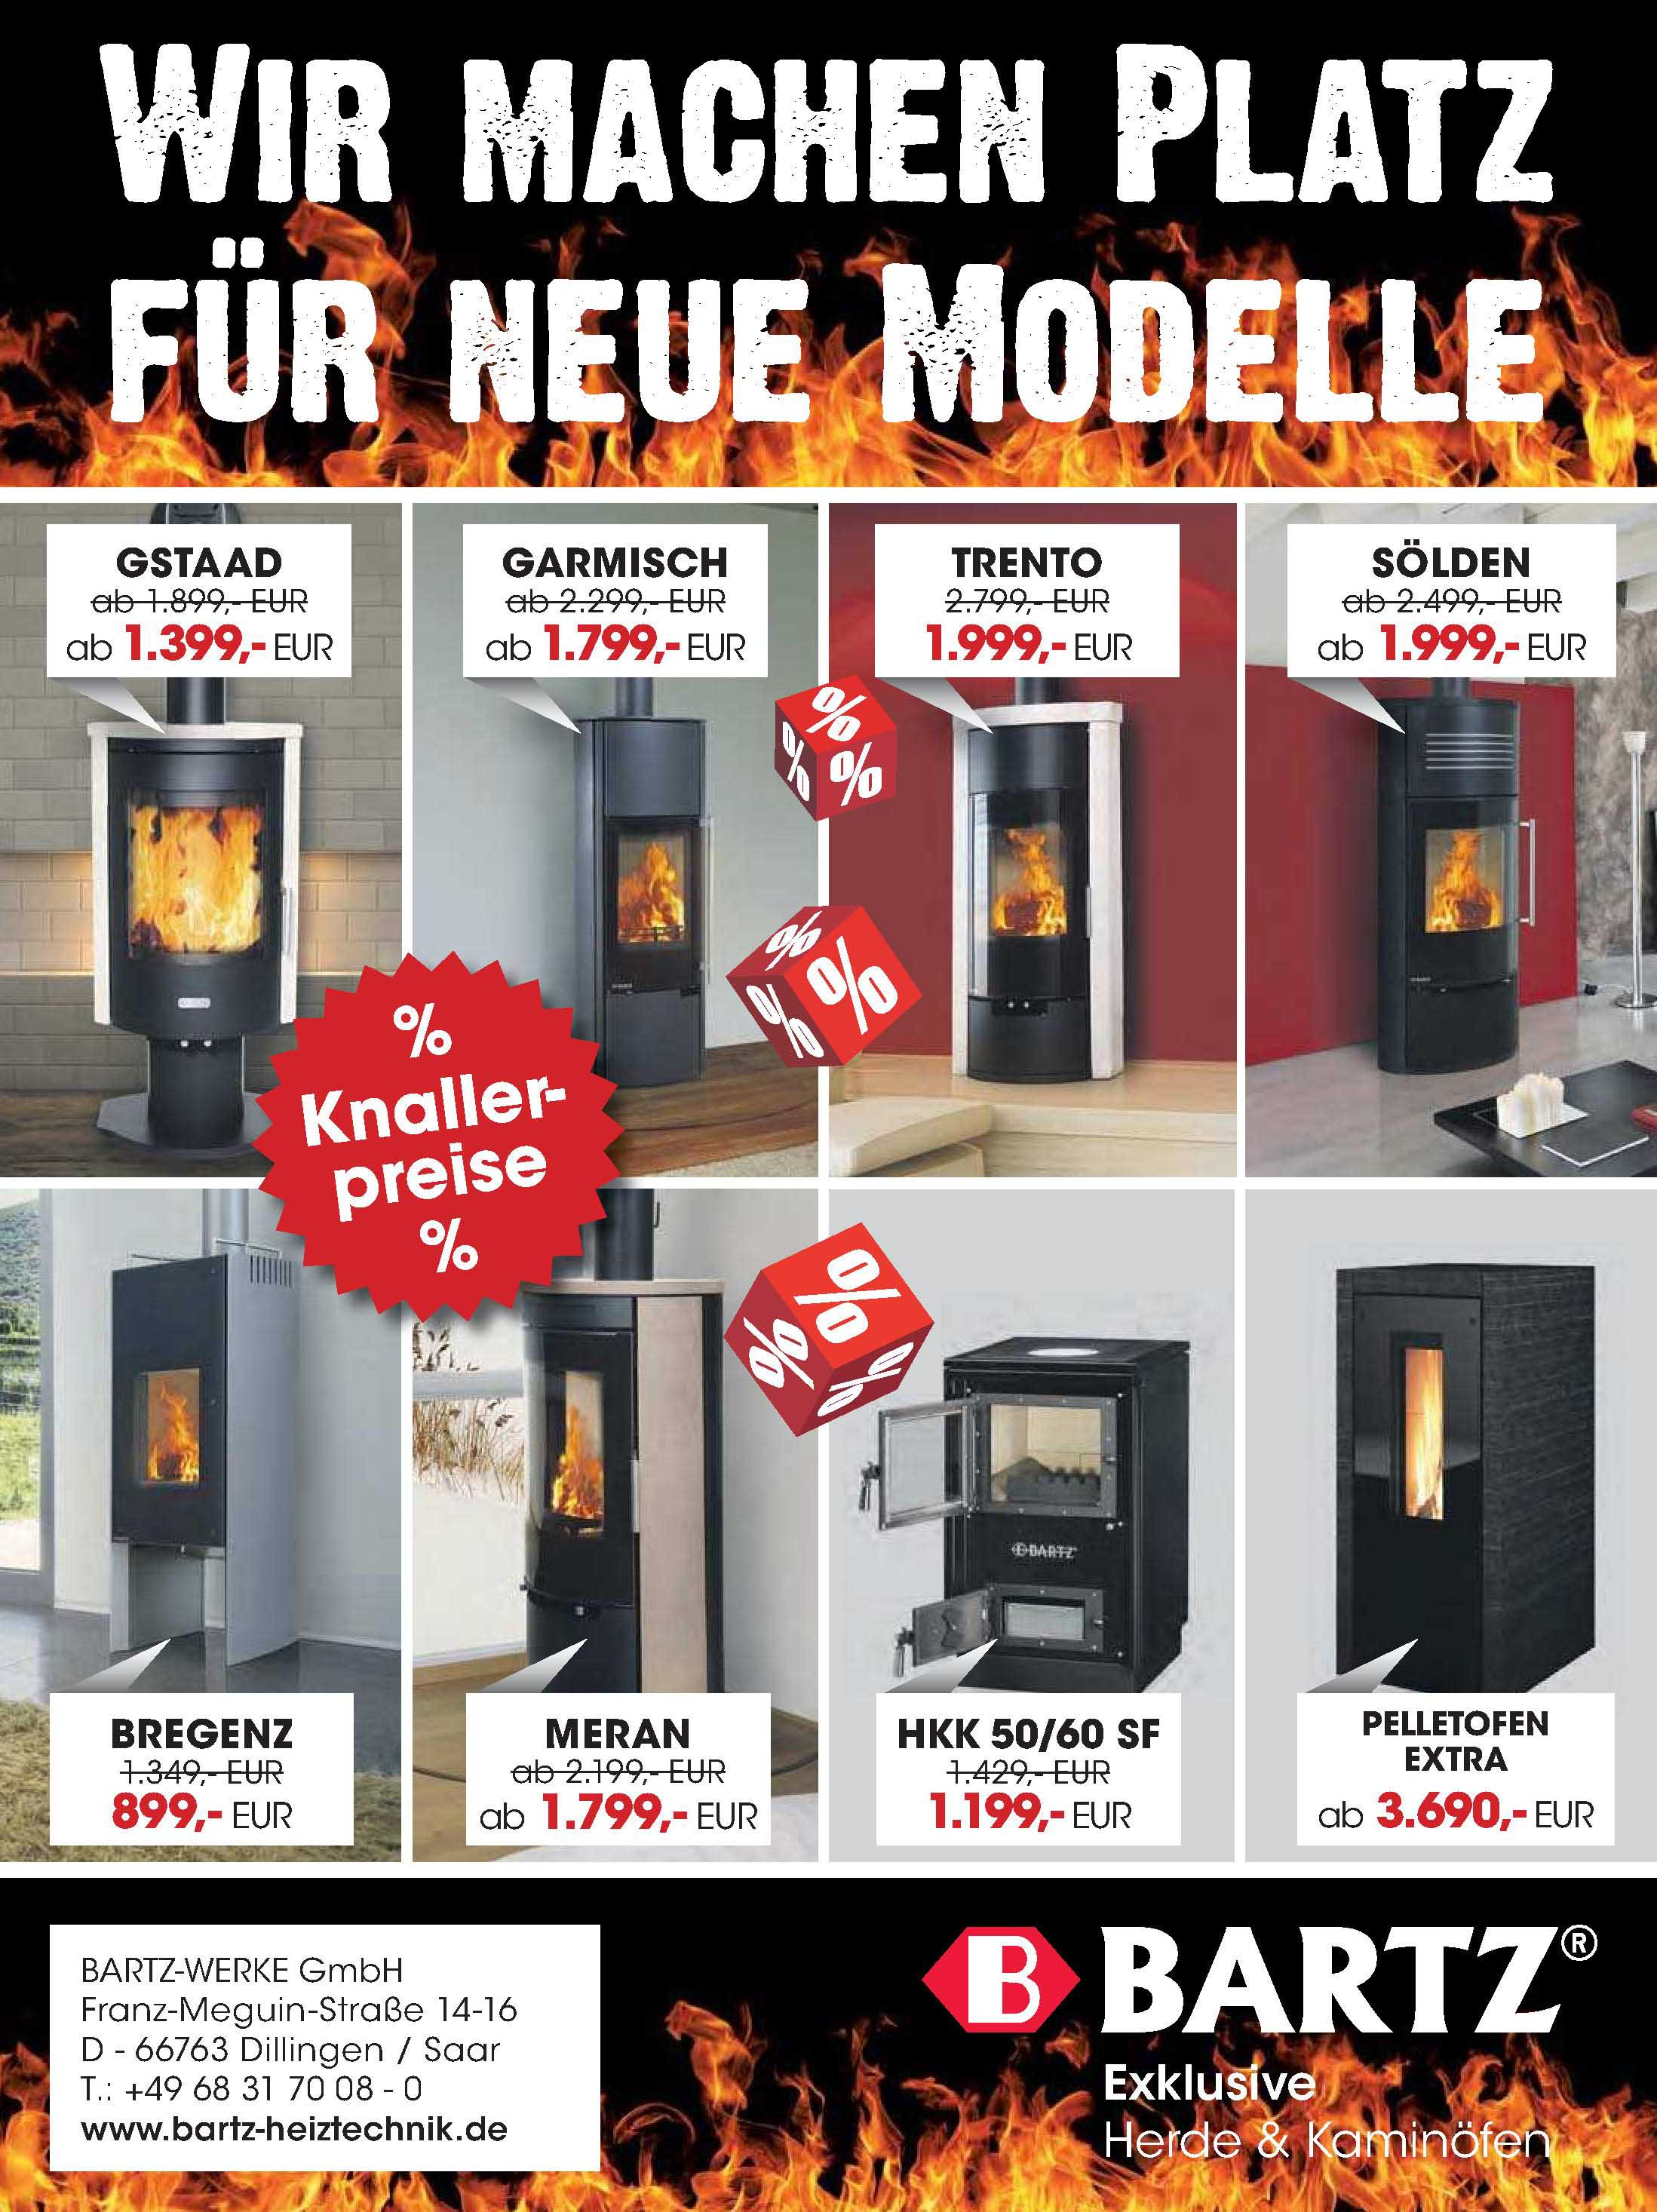 Bartz-Werke GmbH